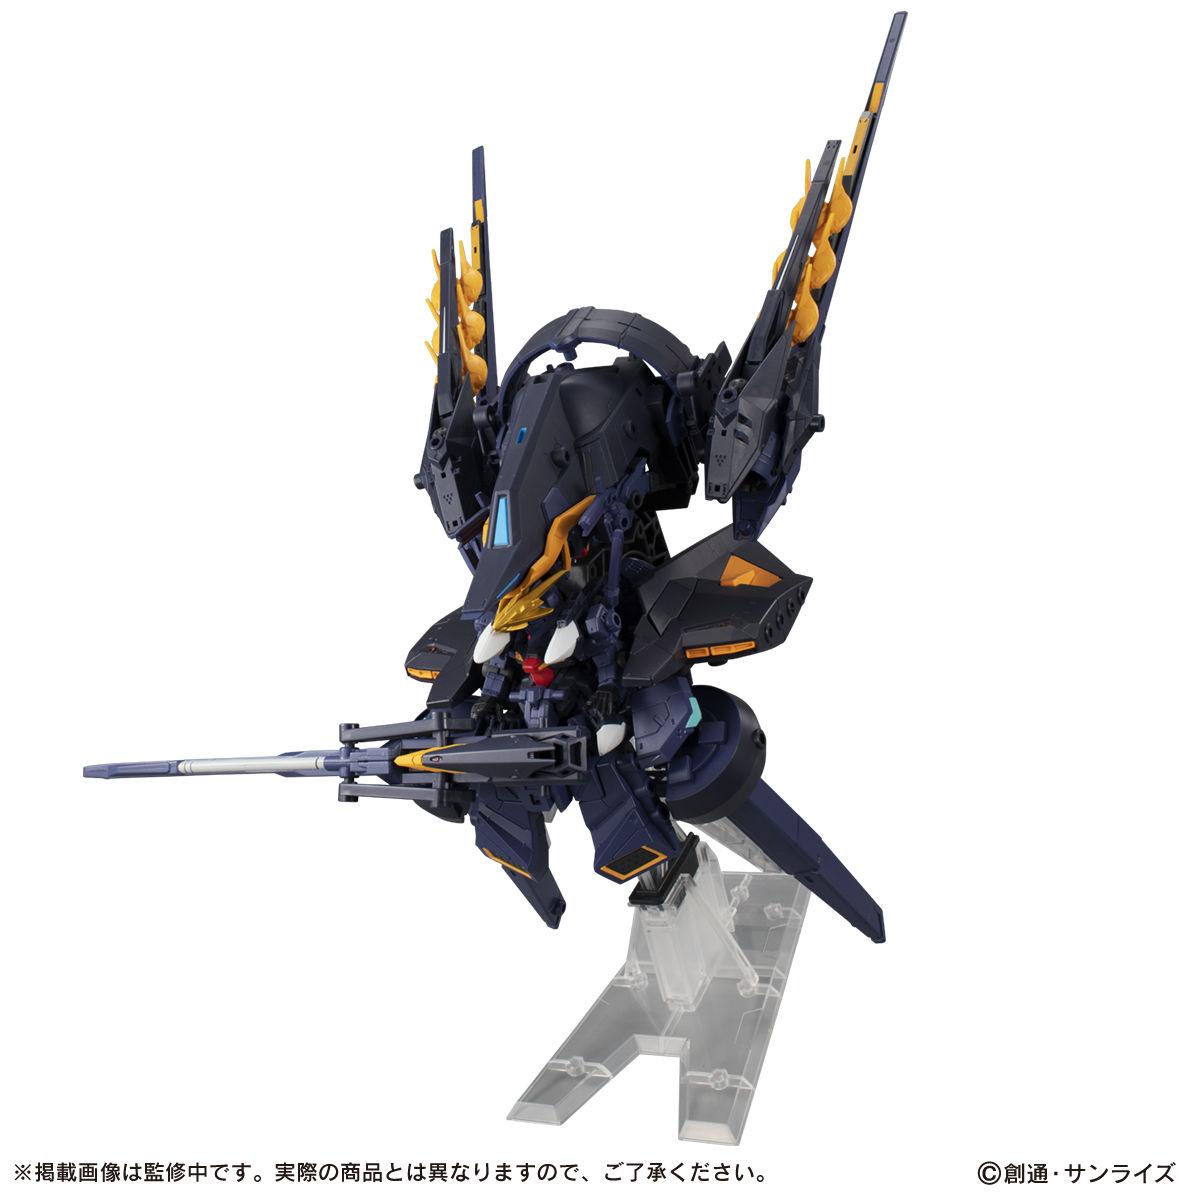 【限定販売】MOBILE SUIT ENSEMBLE『EX22 TR-6 インレ(ティターンズカラー)』デフォルメ可動フィギュア-003